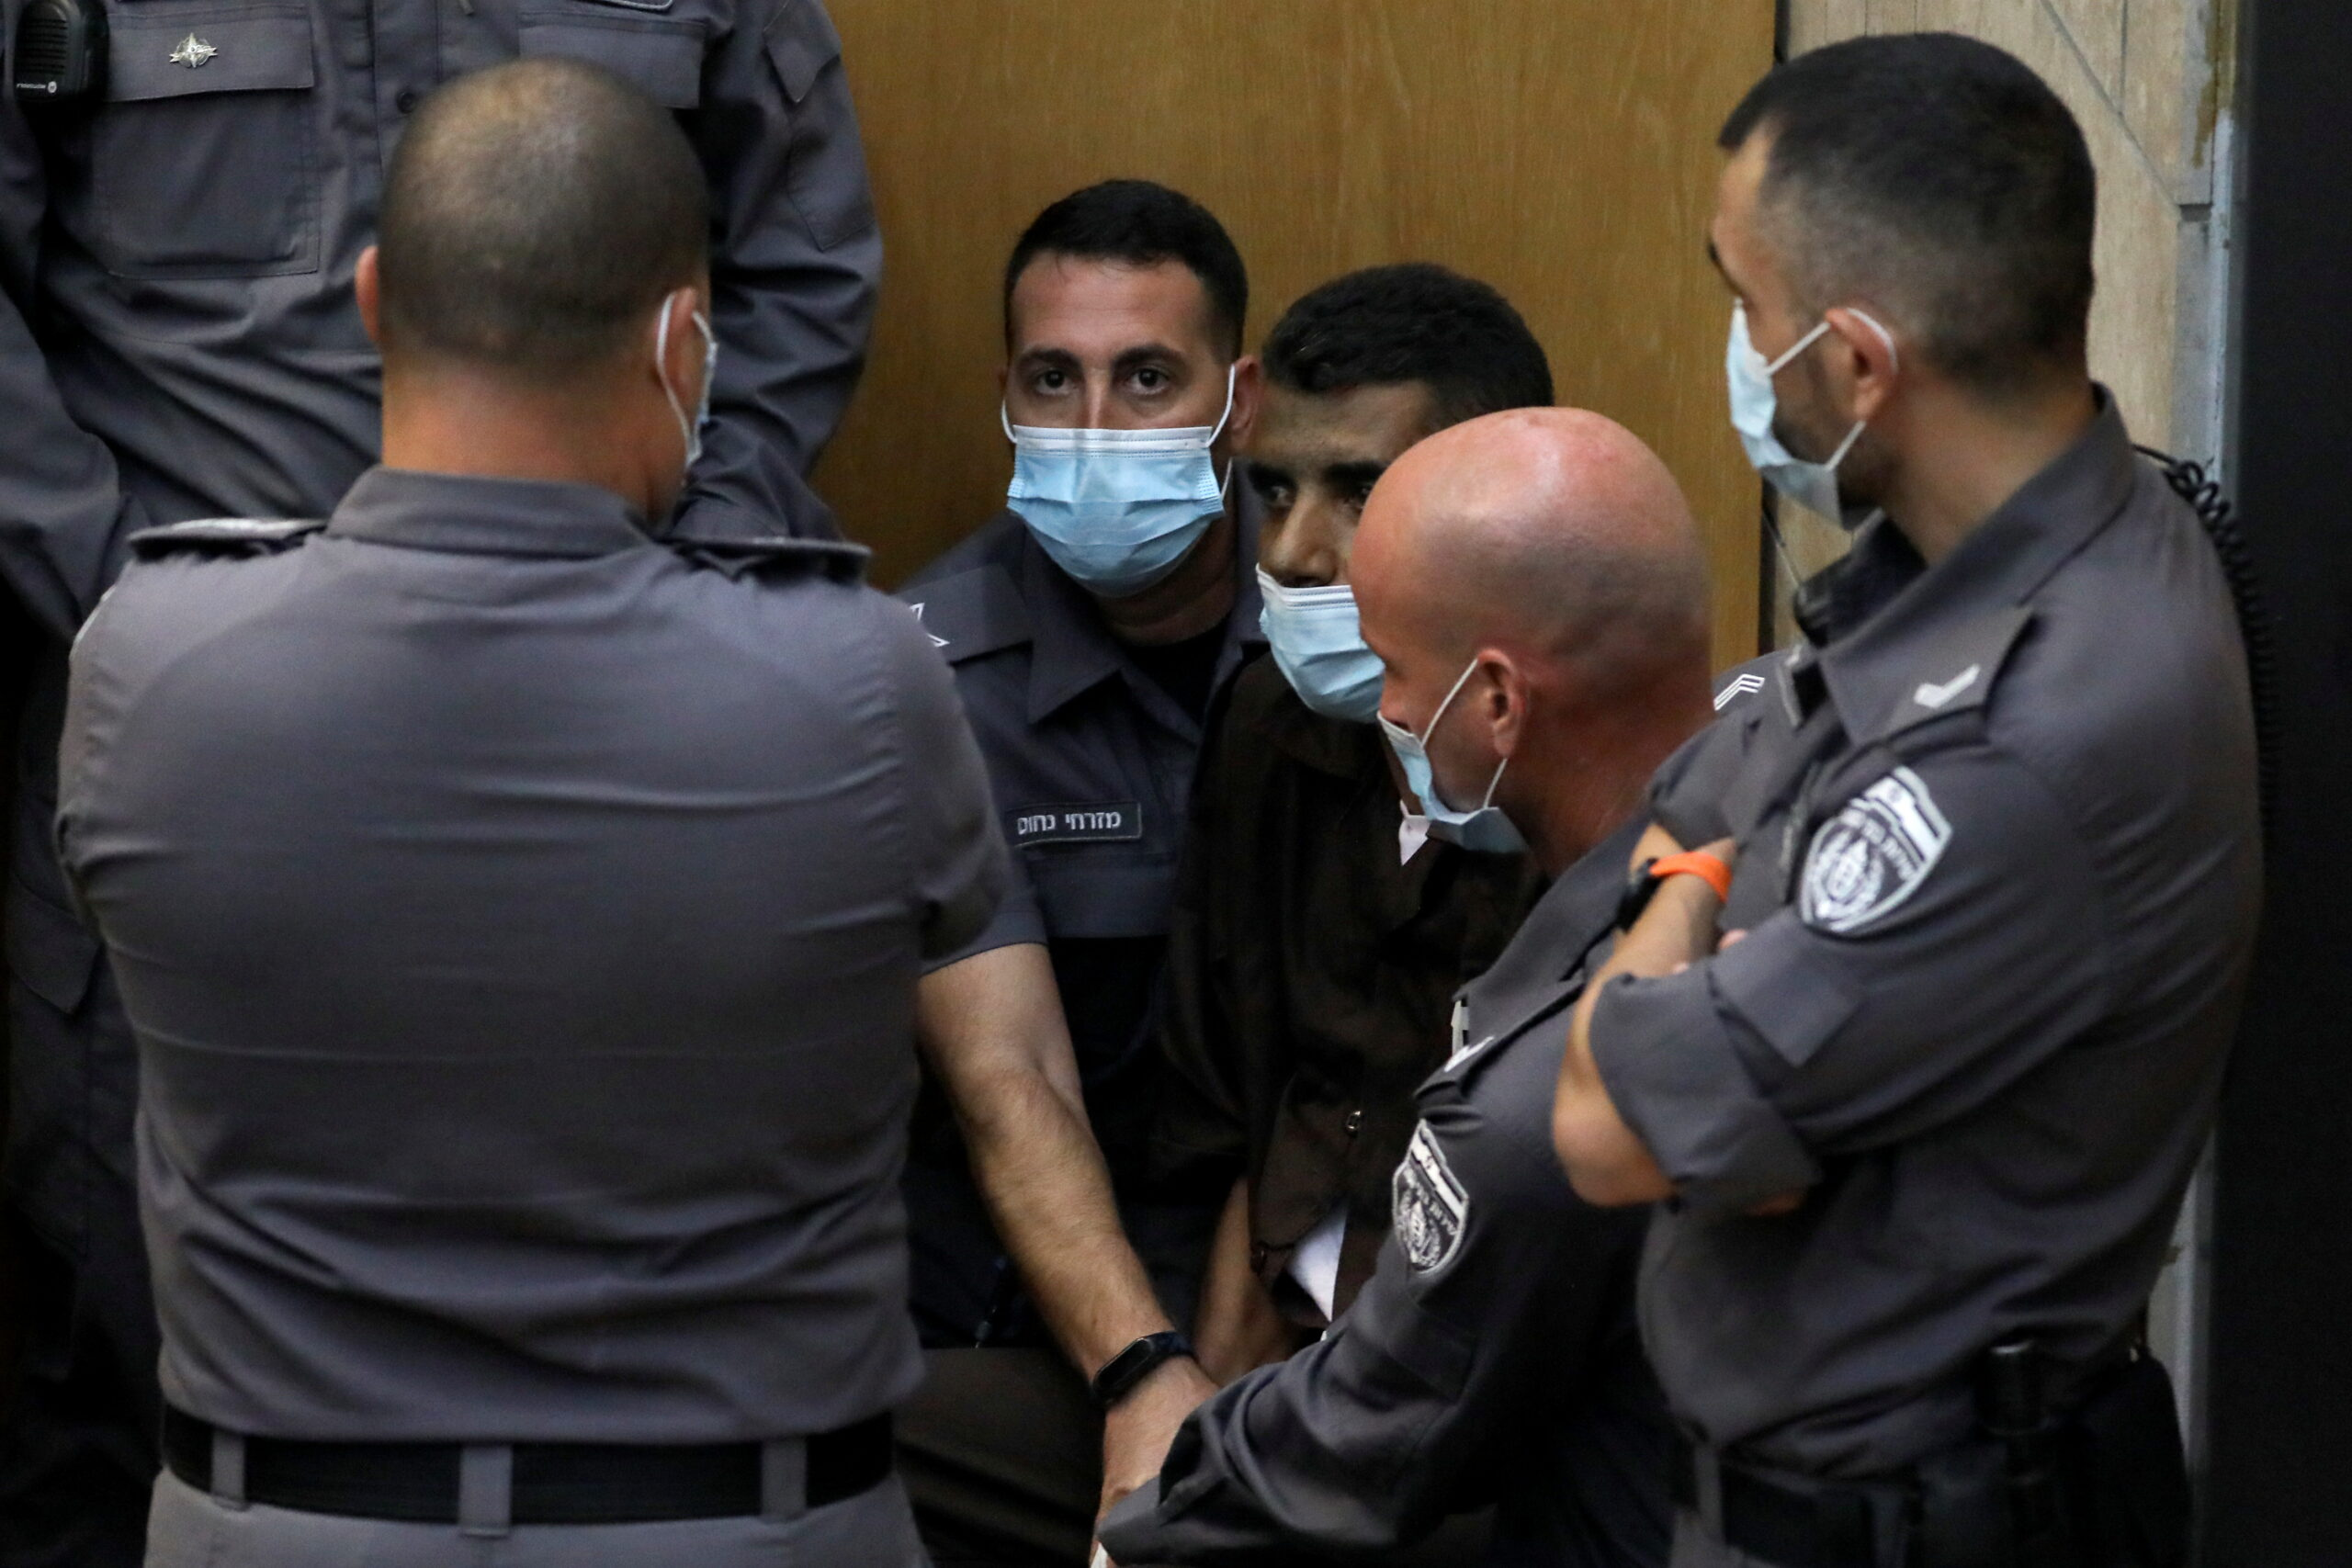 توقعات بانتهاء محاكمة أسرى جلبوع الأربعة بتهم أمنية وتشديد محكومياتهم